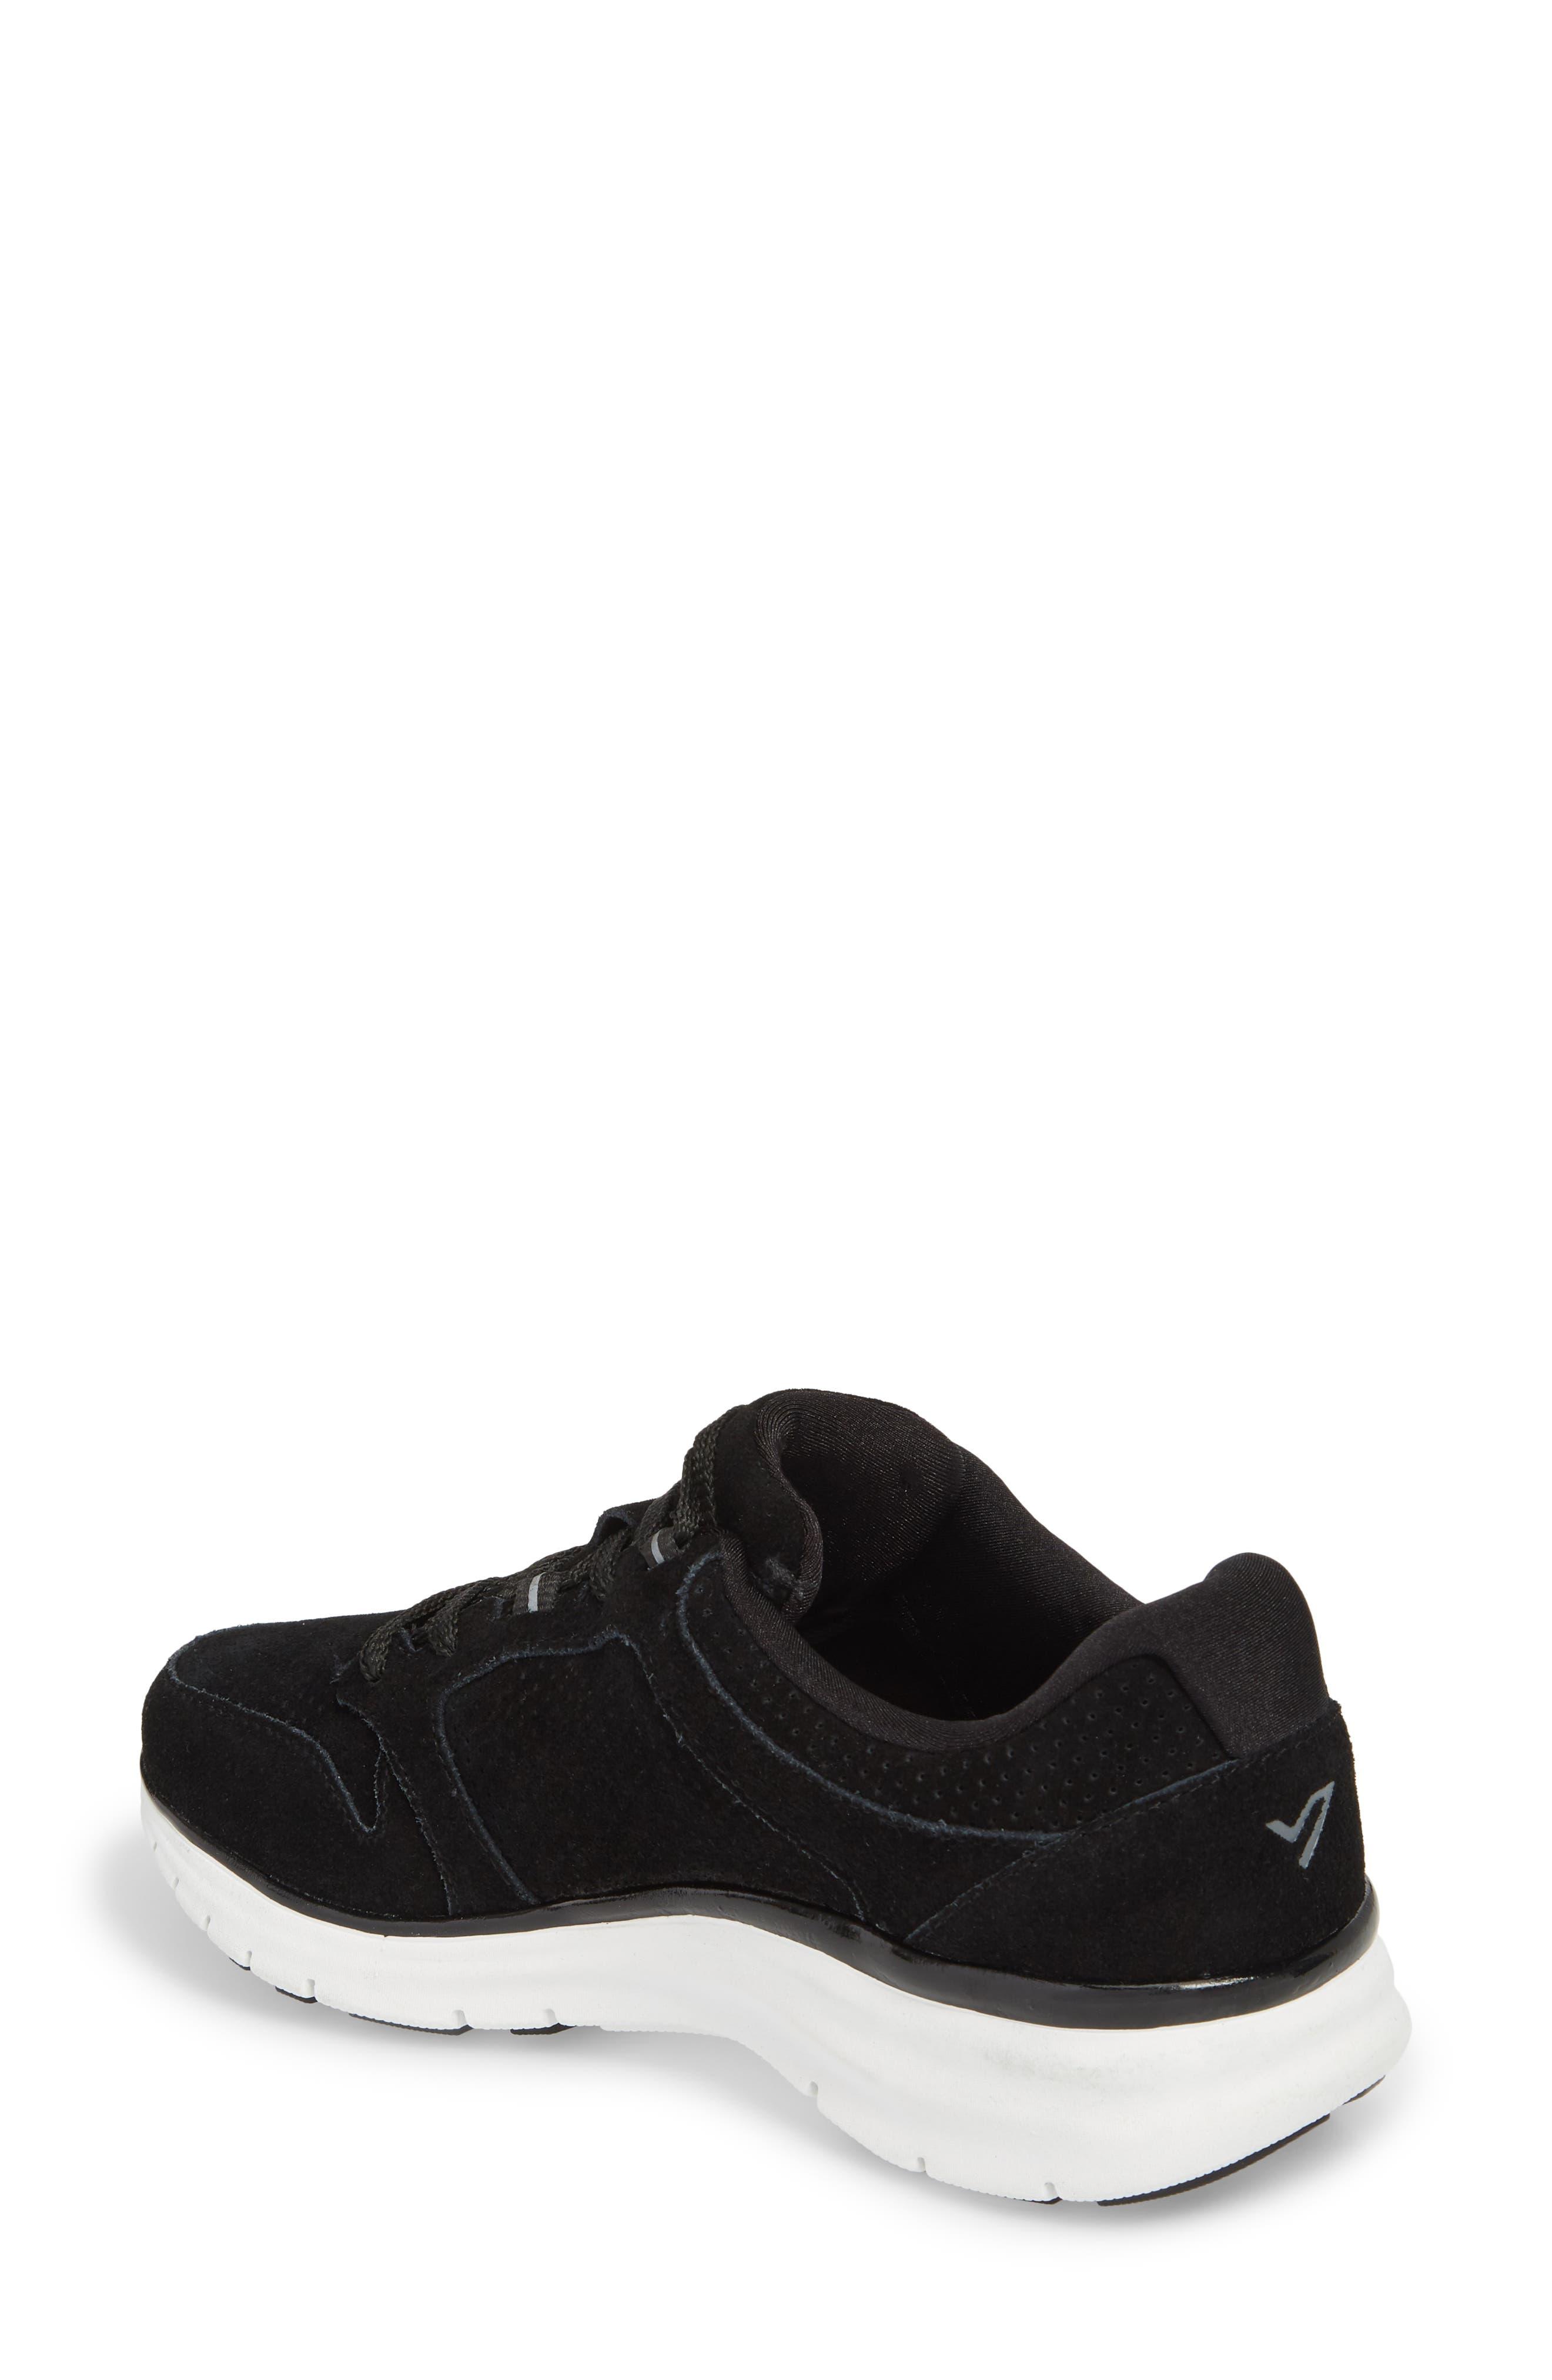 Thrill Sneaker,                             Alternate thumbnail 2, color,                             001